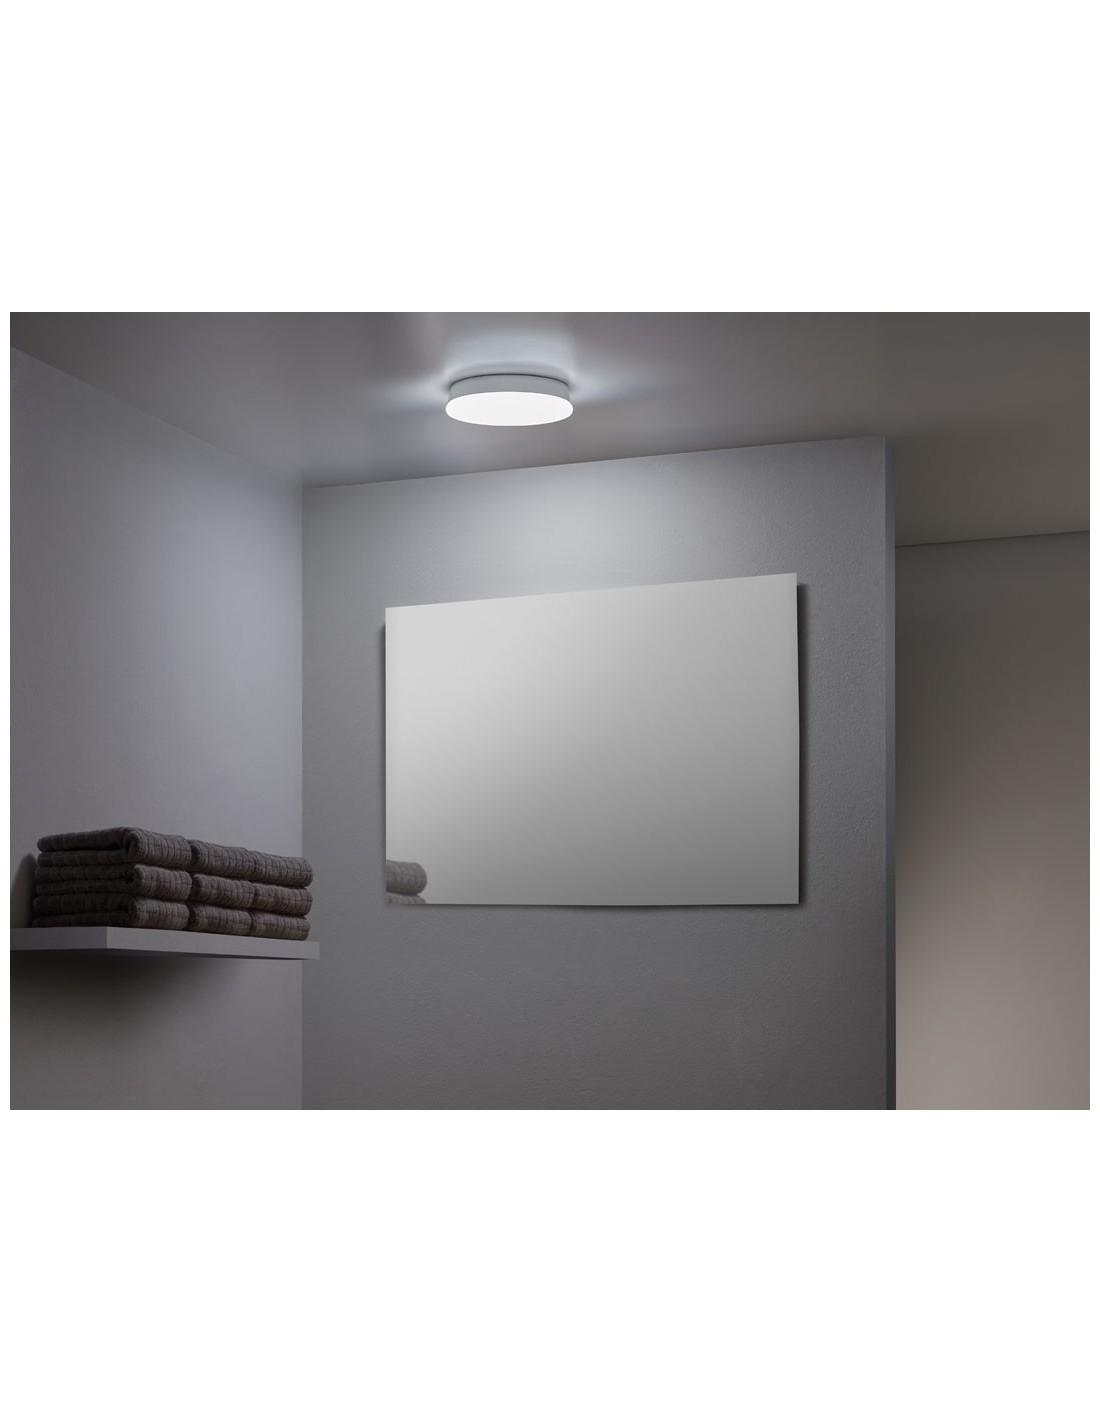 Ventilateur de plafond rodas leds c4 gris - Ventilateur de plafond sans luminaire ...